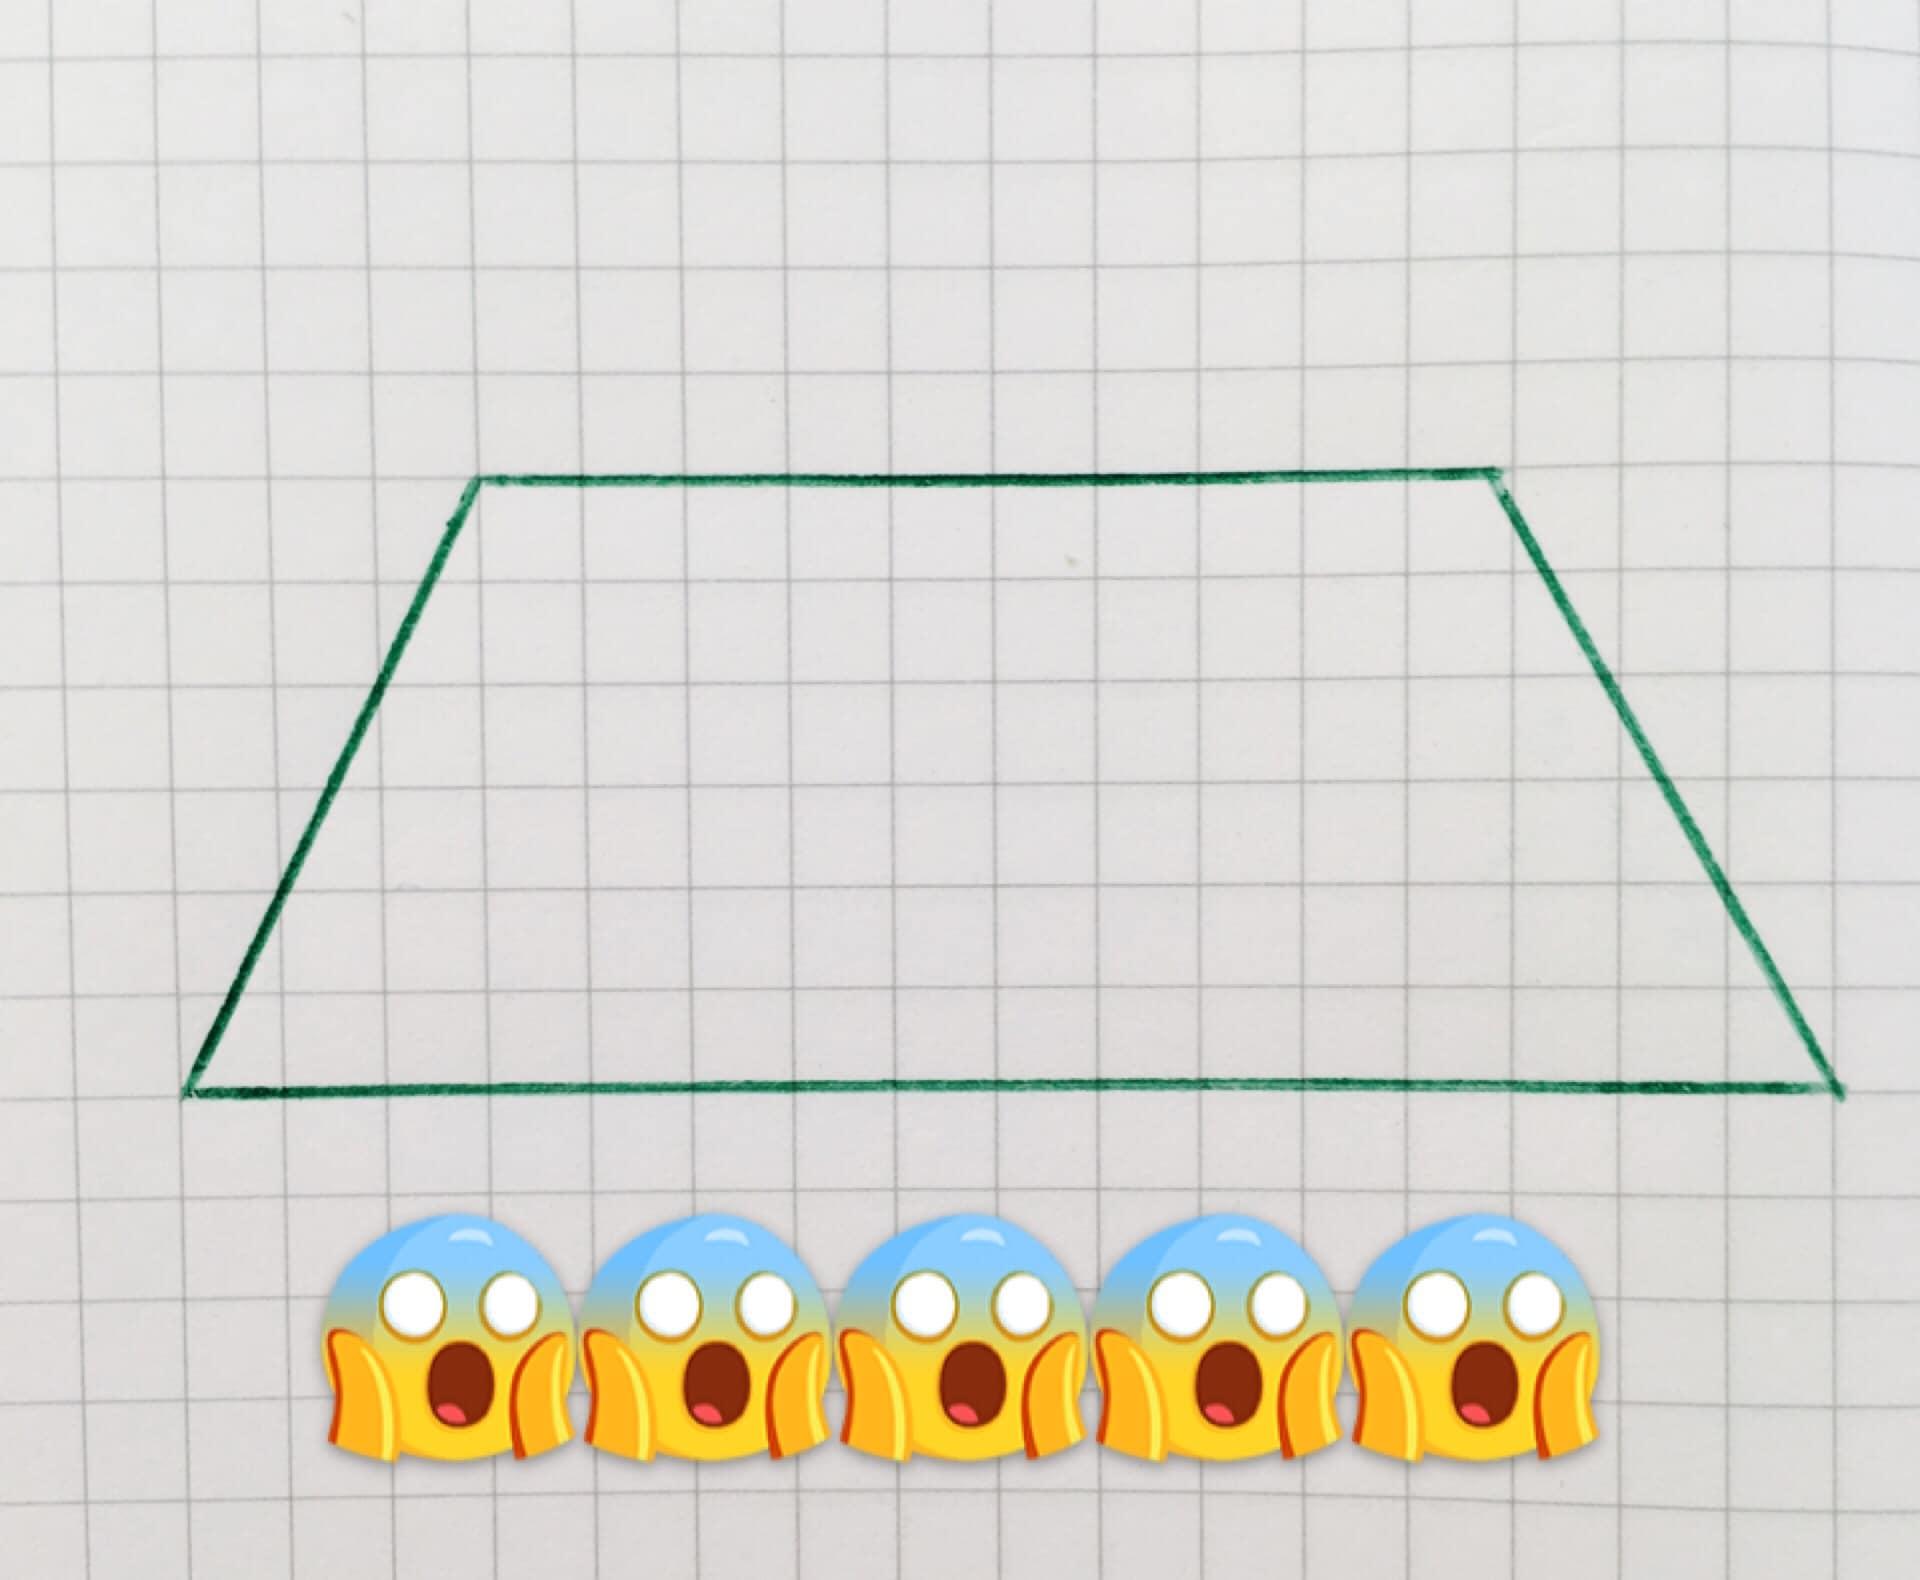 Come si calcola l'area del trapezio?